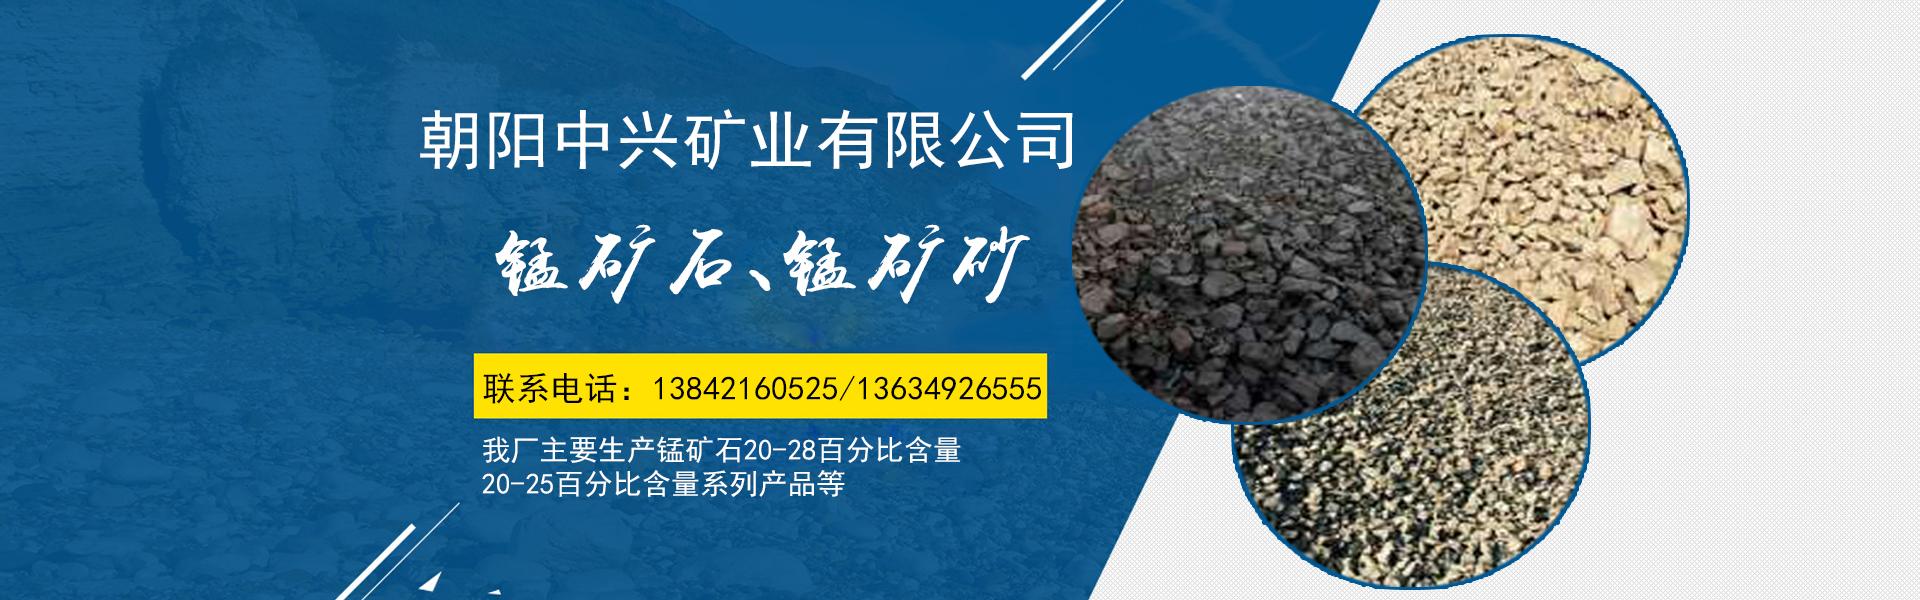 朝阳中兴矿业有限公司